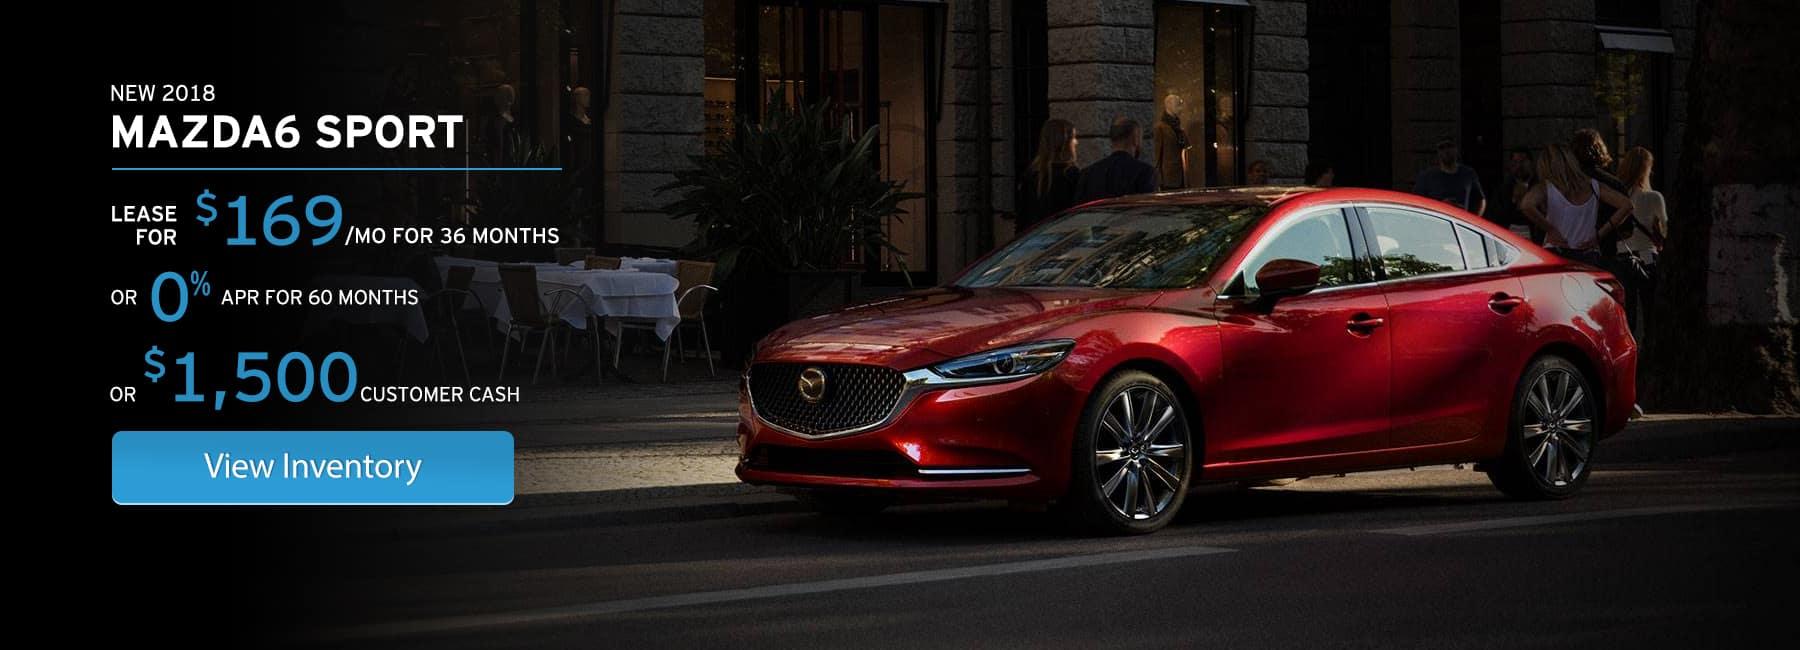 Mazda6 September Offers in Elgin